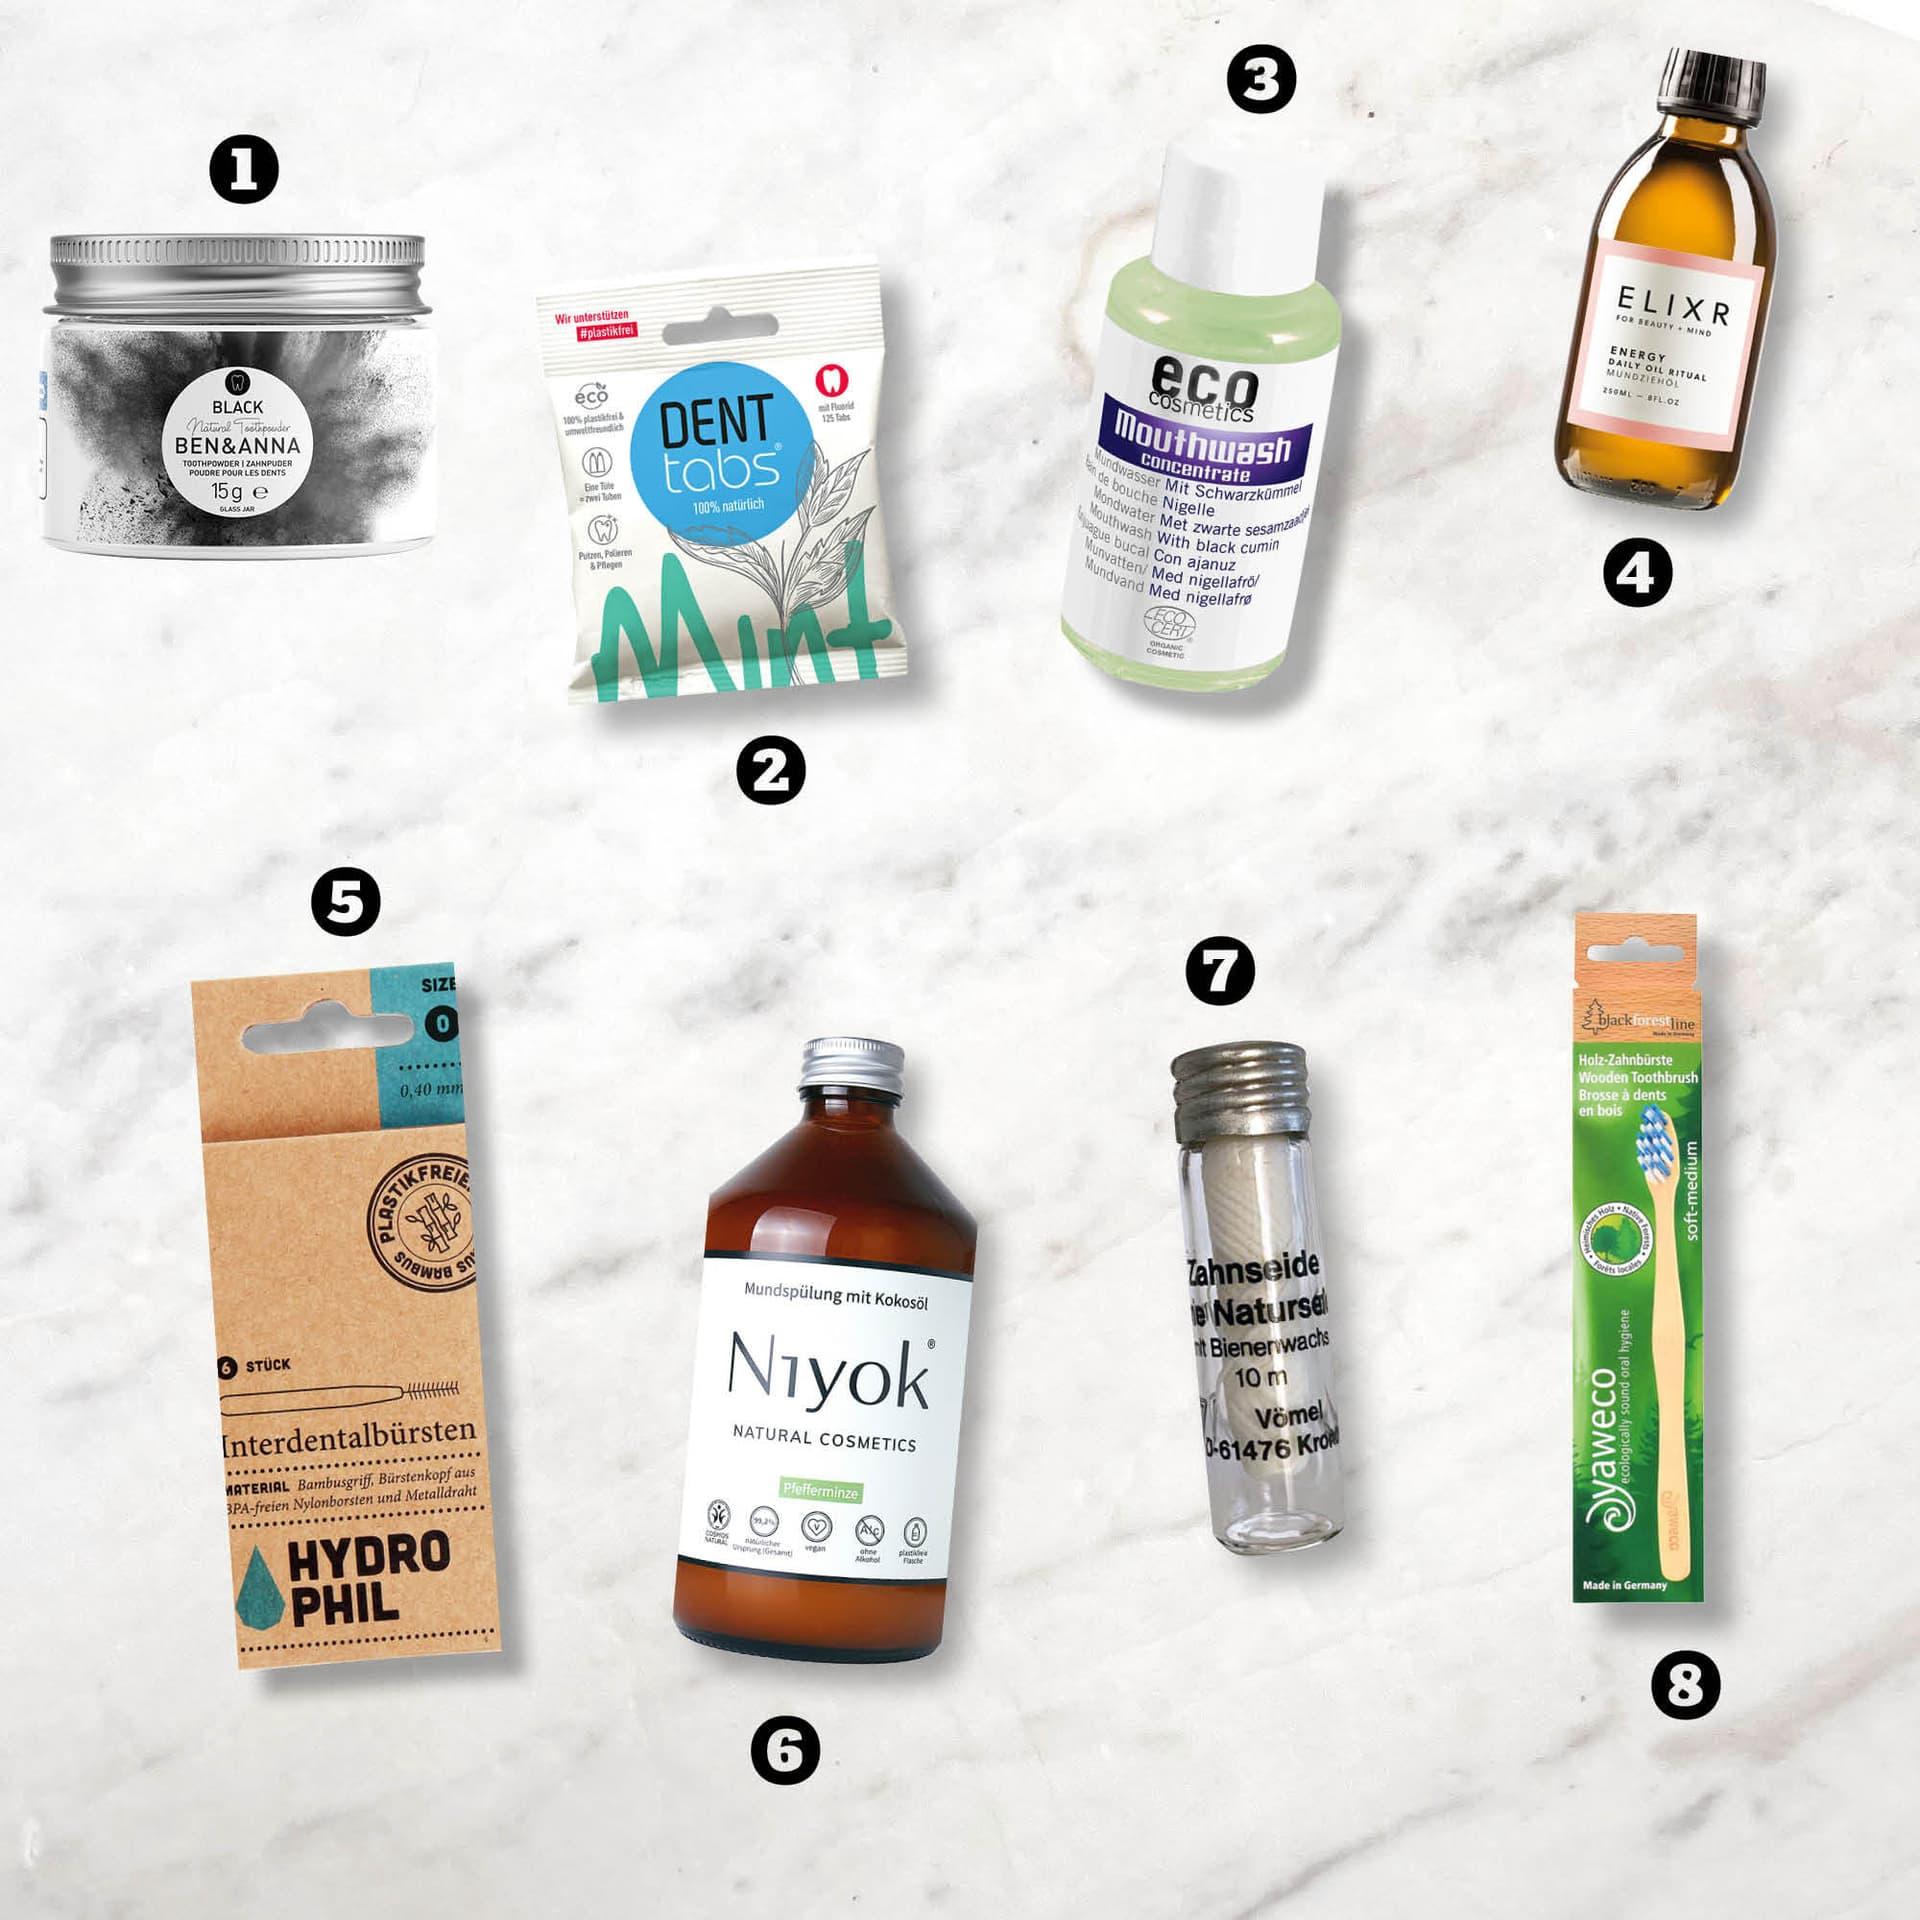 Nachhaltige Produkte zur Mundhygiene, von der Bambuszahnbürste über Zahnputzpulver bis zur Zahnseide im Glas.